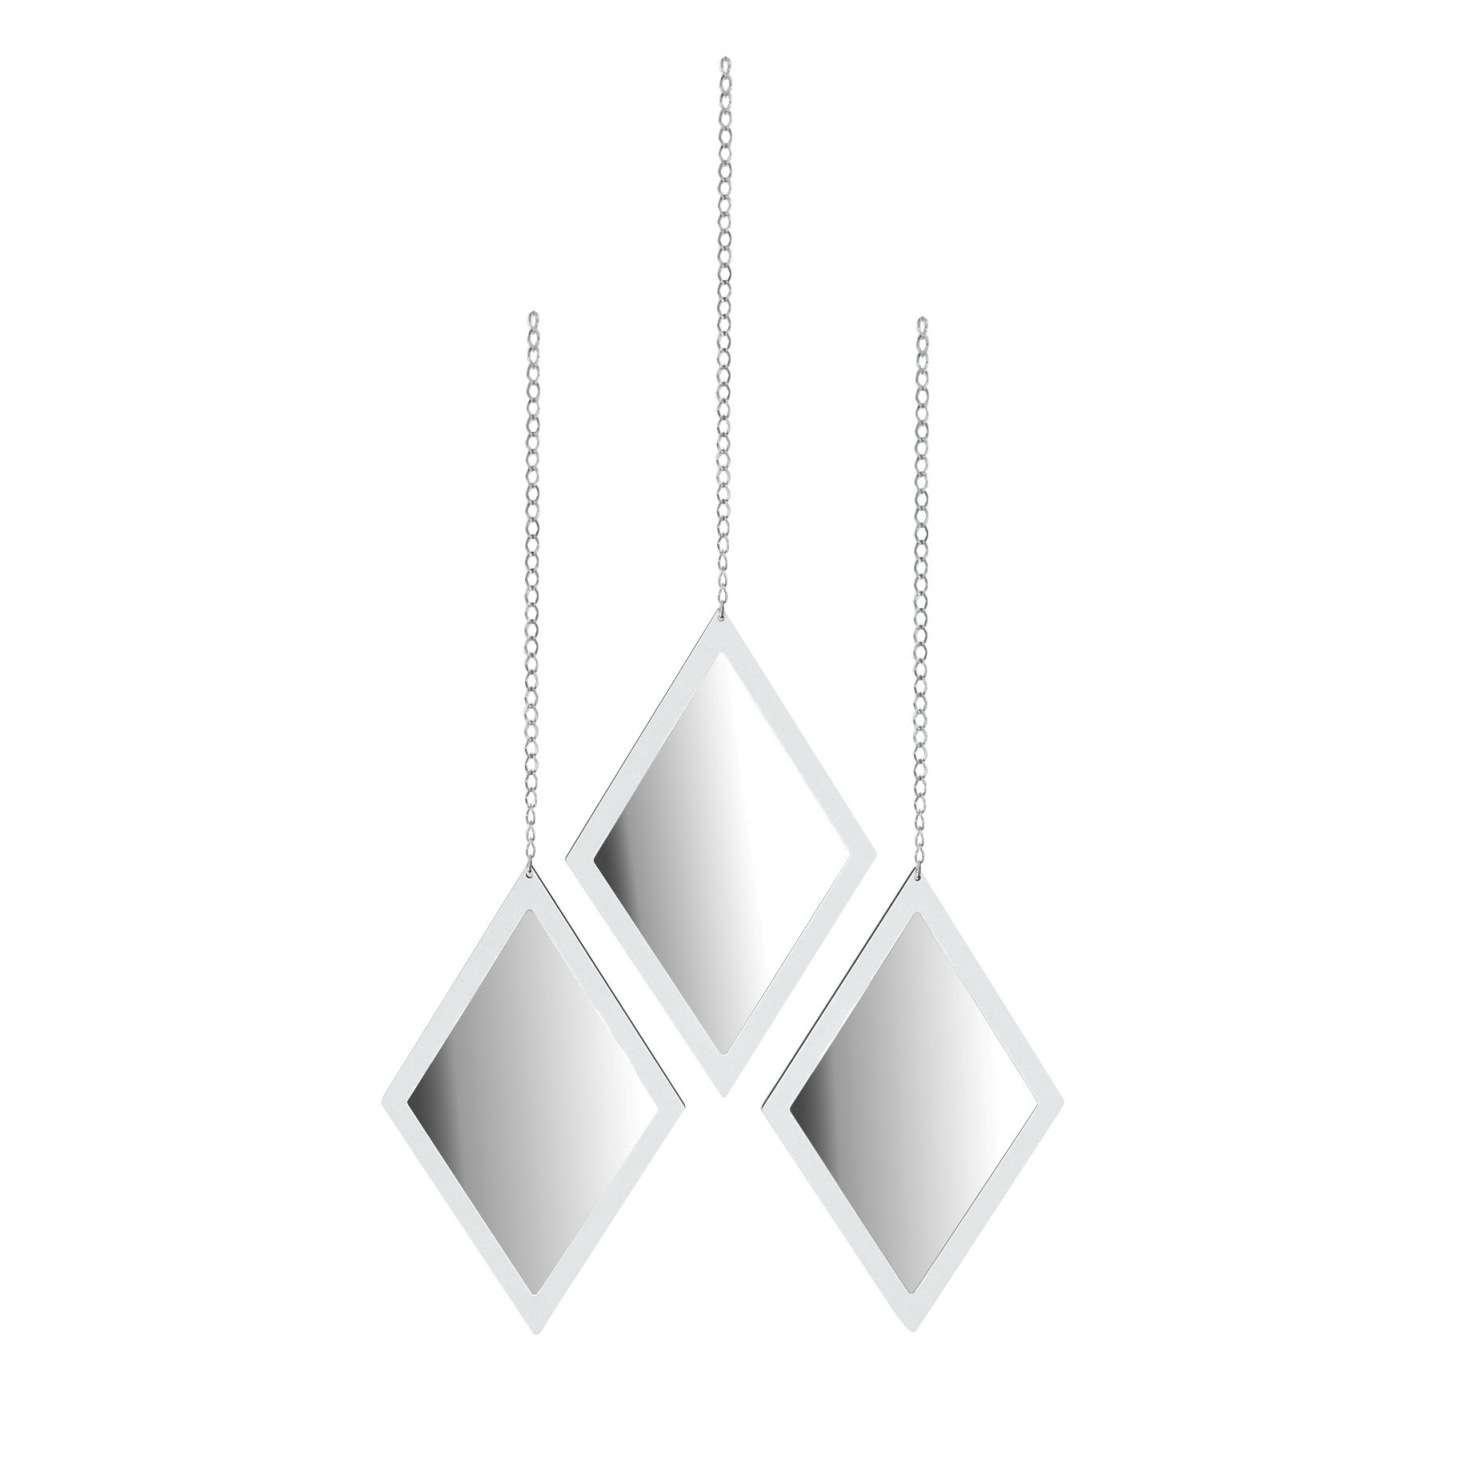 Trio de Espelho de Parede Losango Branco Com Correntes 9a6980afaf